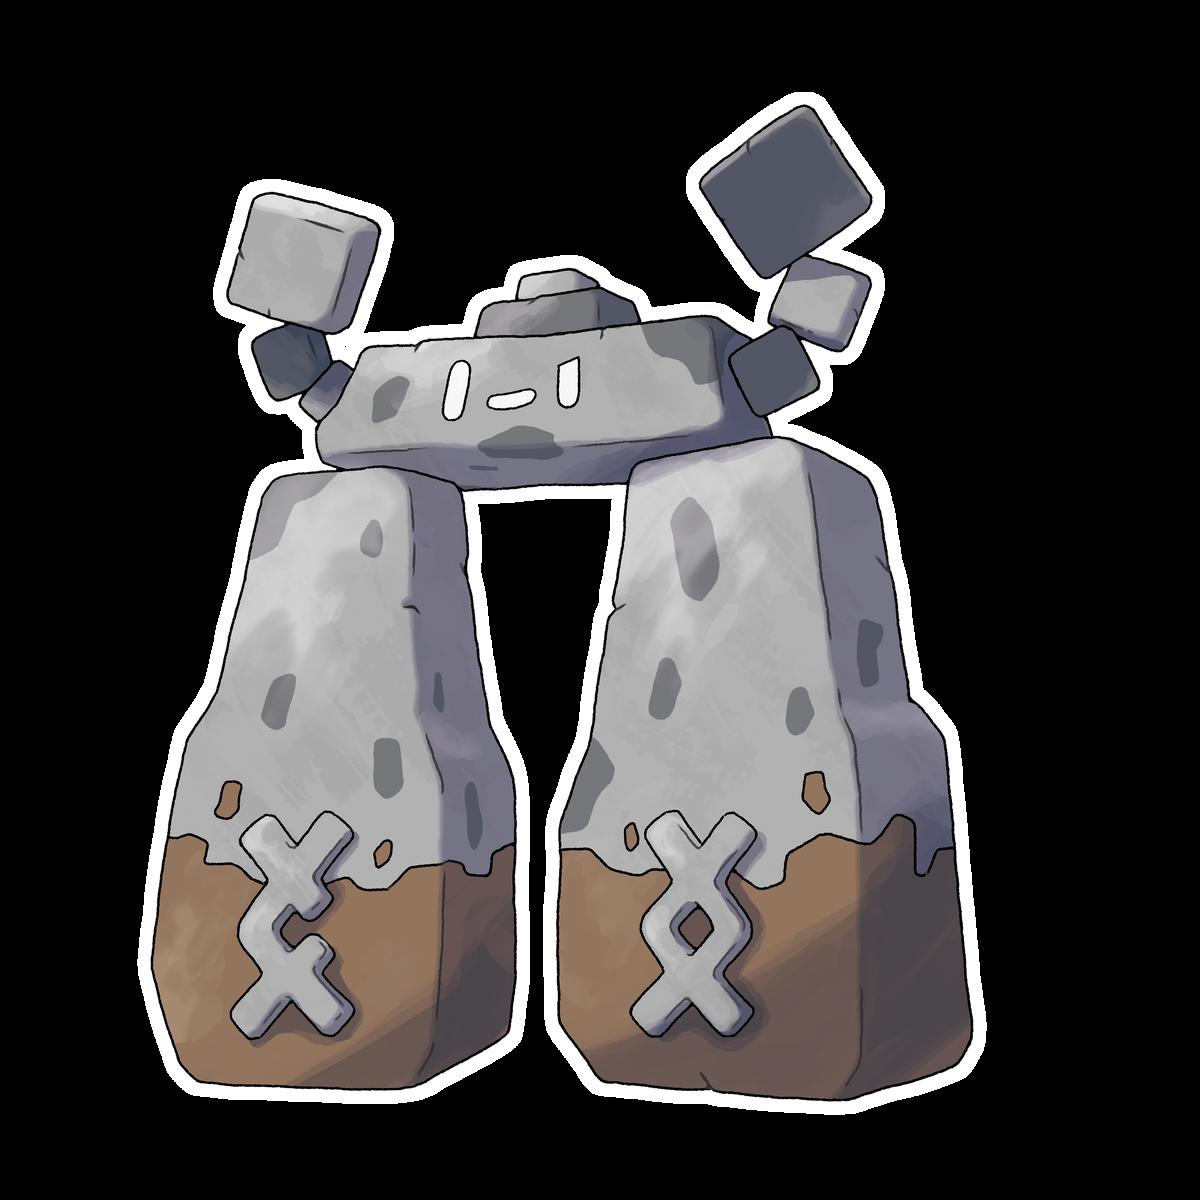 Stonjourner in Pokemon Sword and Shield.